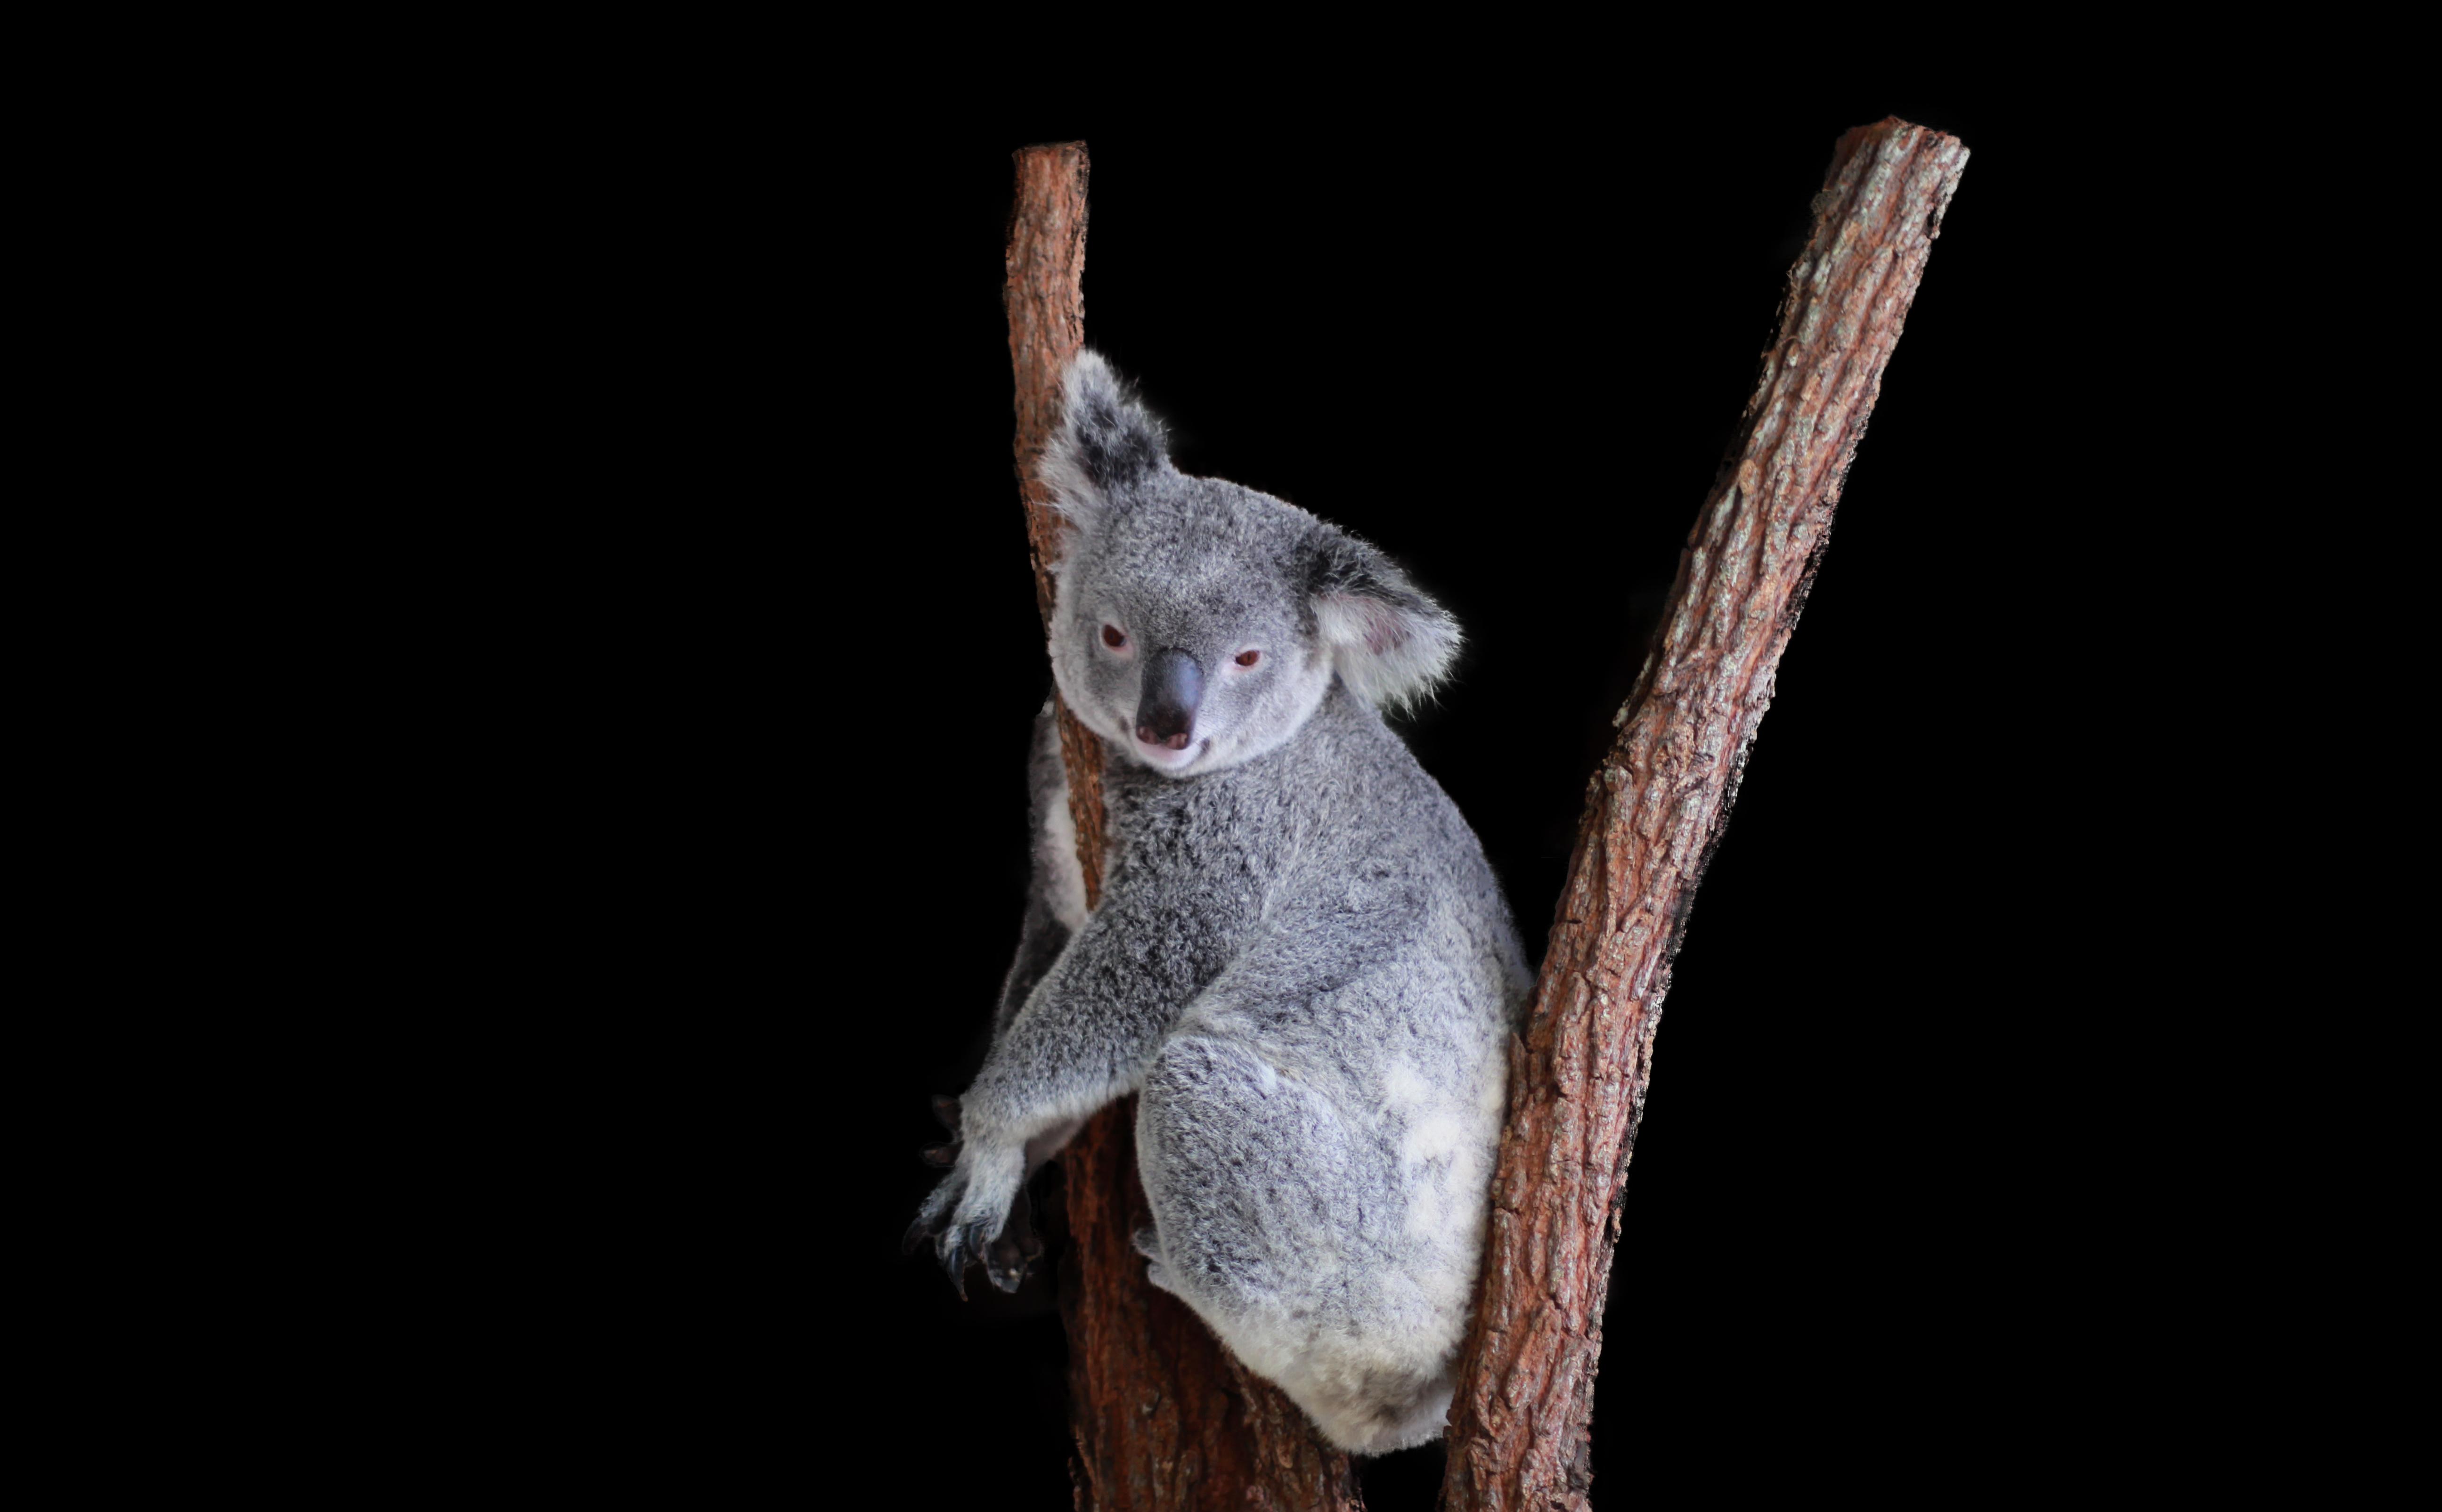 Kiki the Koala